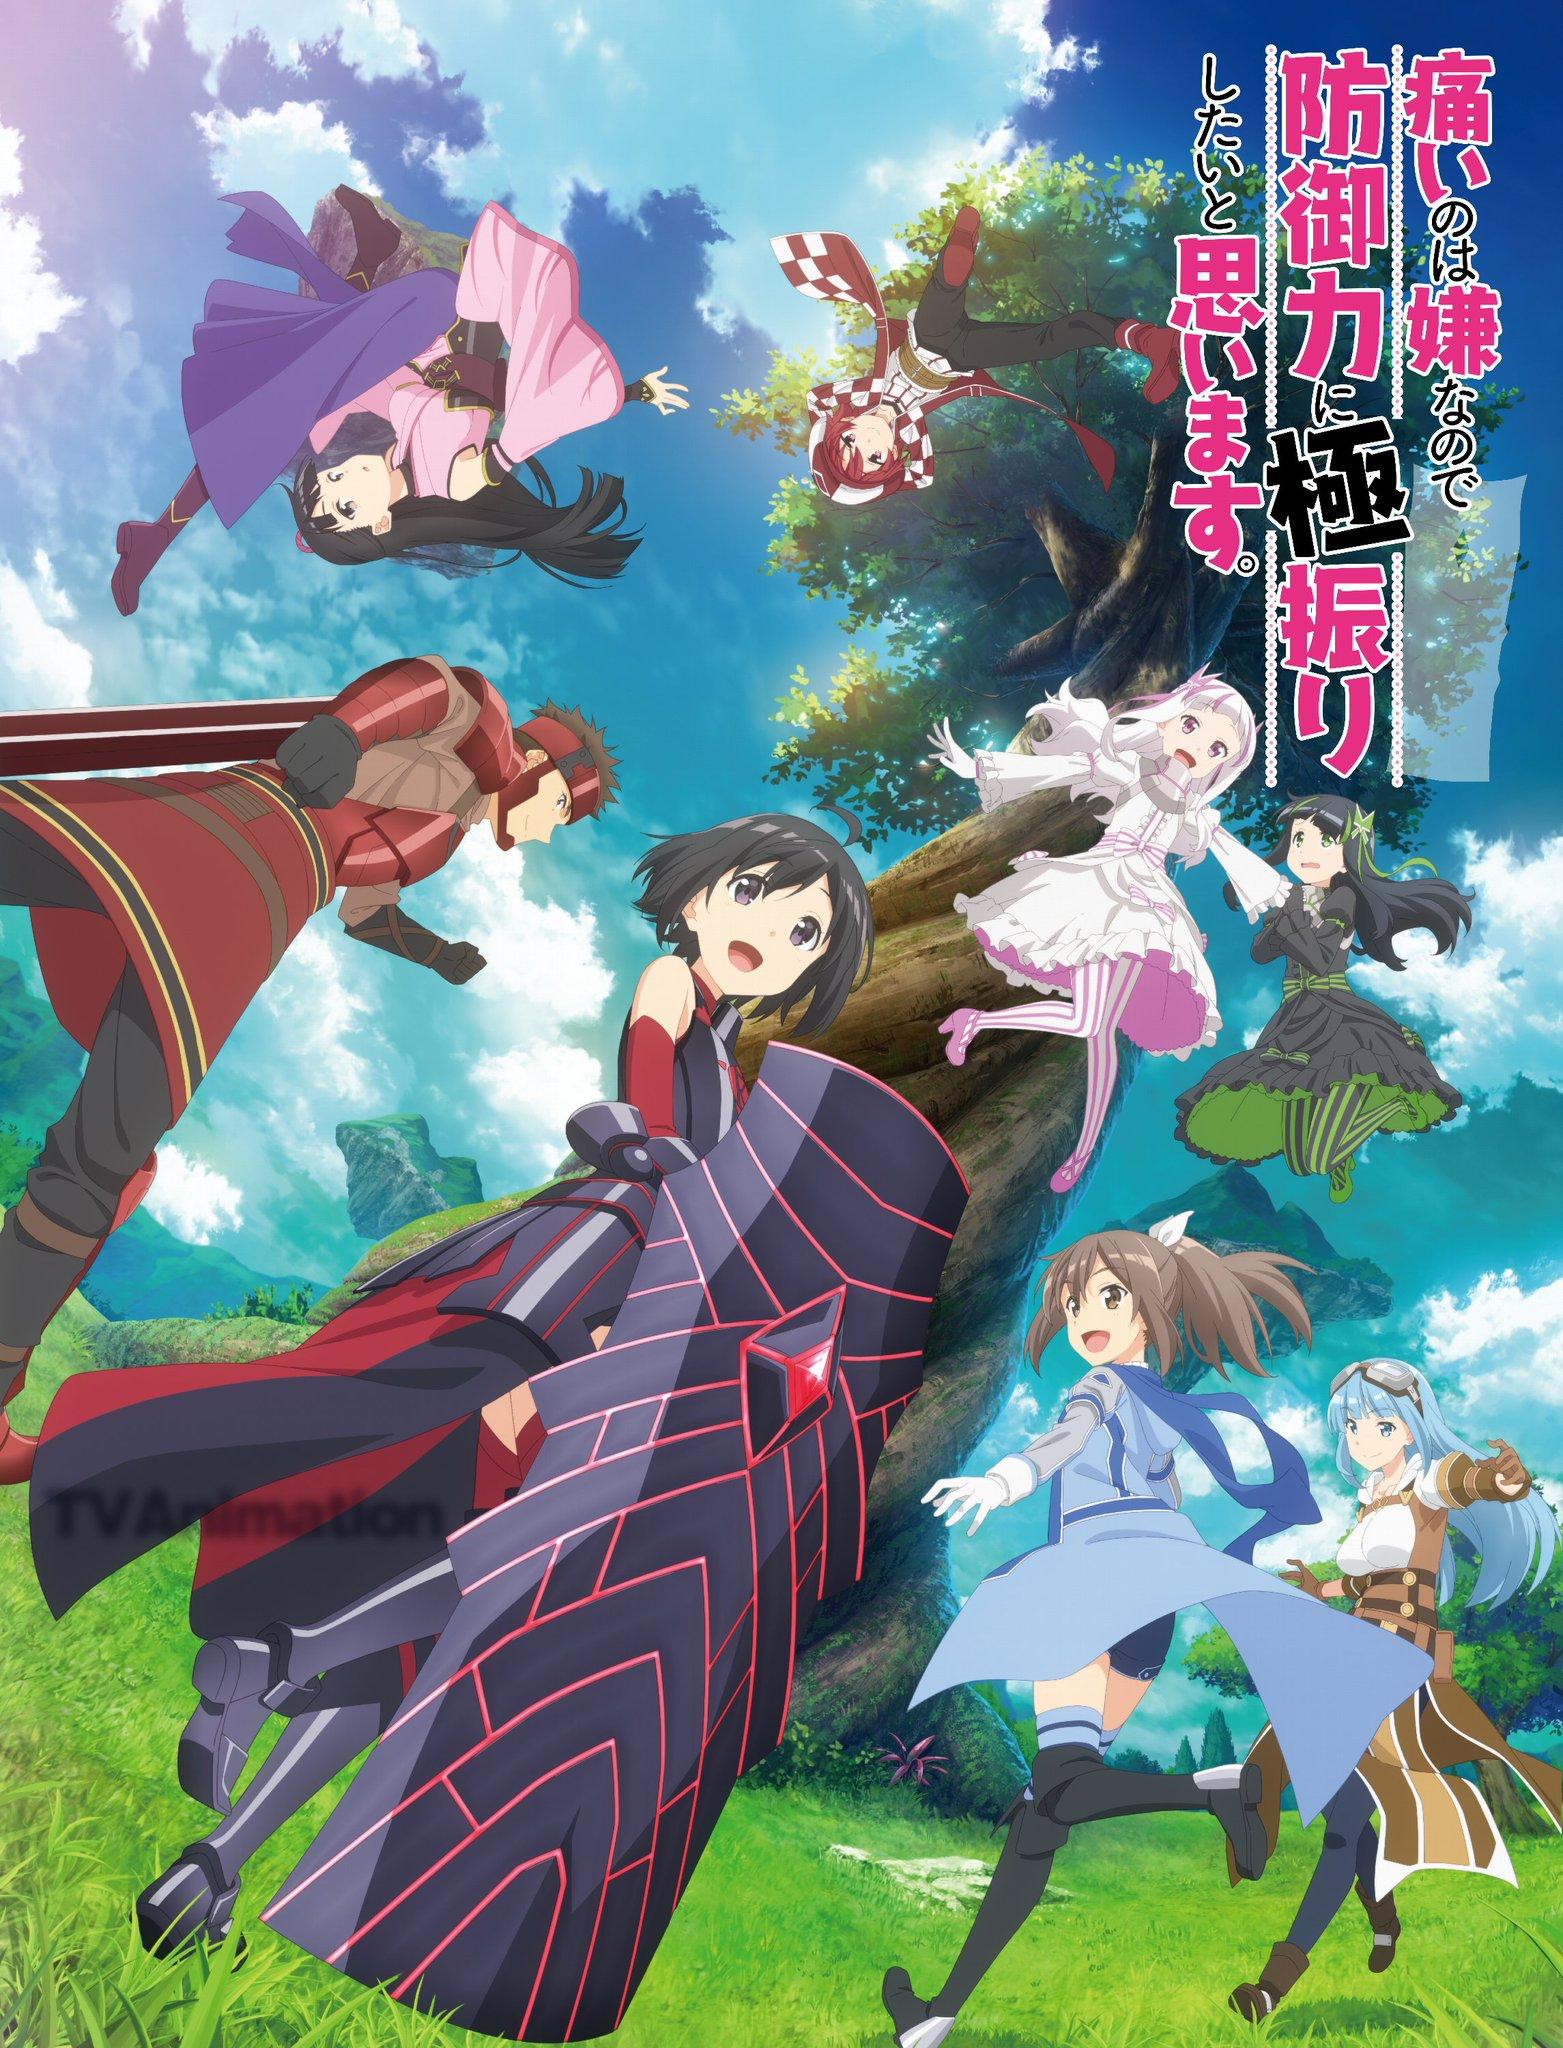 Musim Kedua Anime Bofuri. Diumumkan!